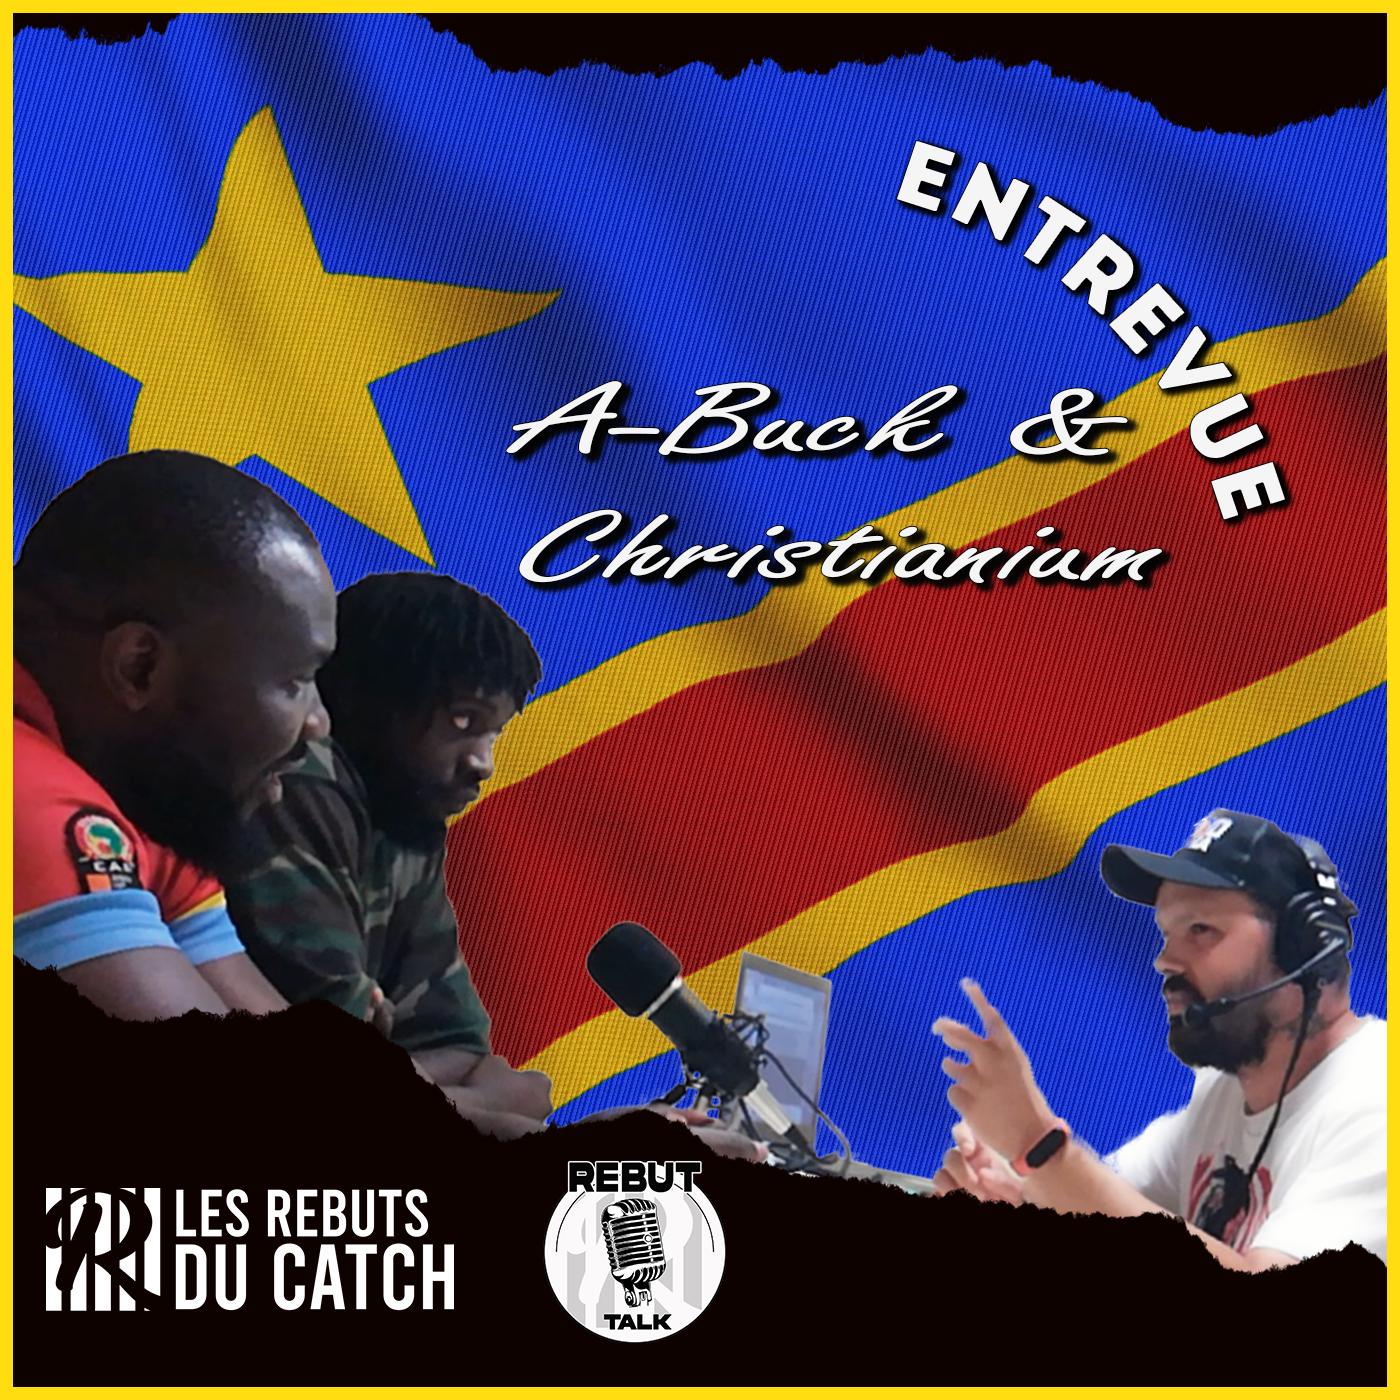 Entrevue avec A-Buck et Christanium / Afrikan Bomaye : Enfin de retour sur la route !